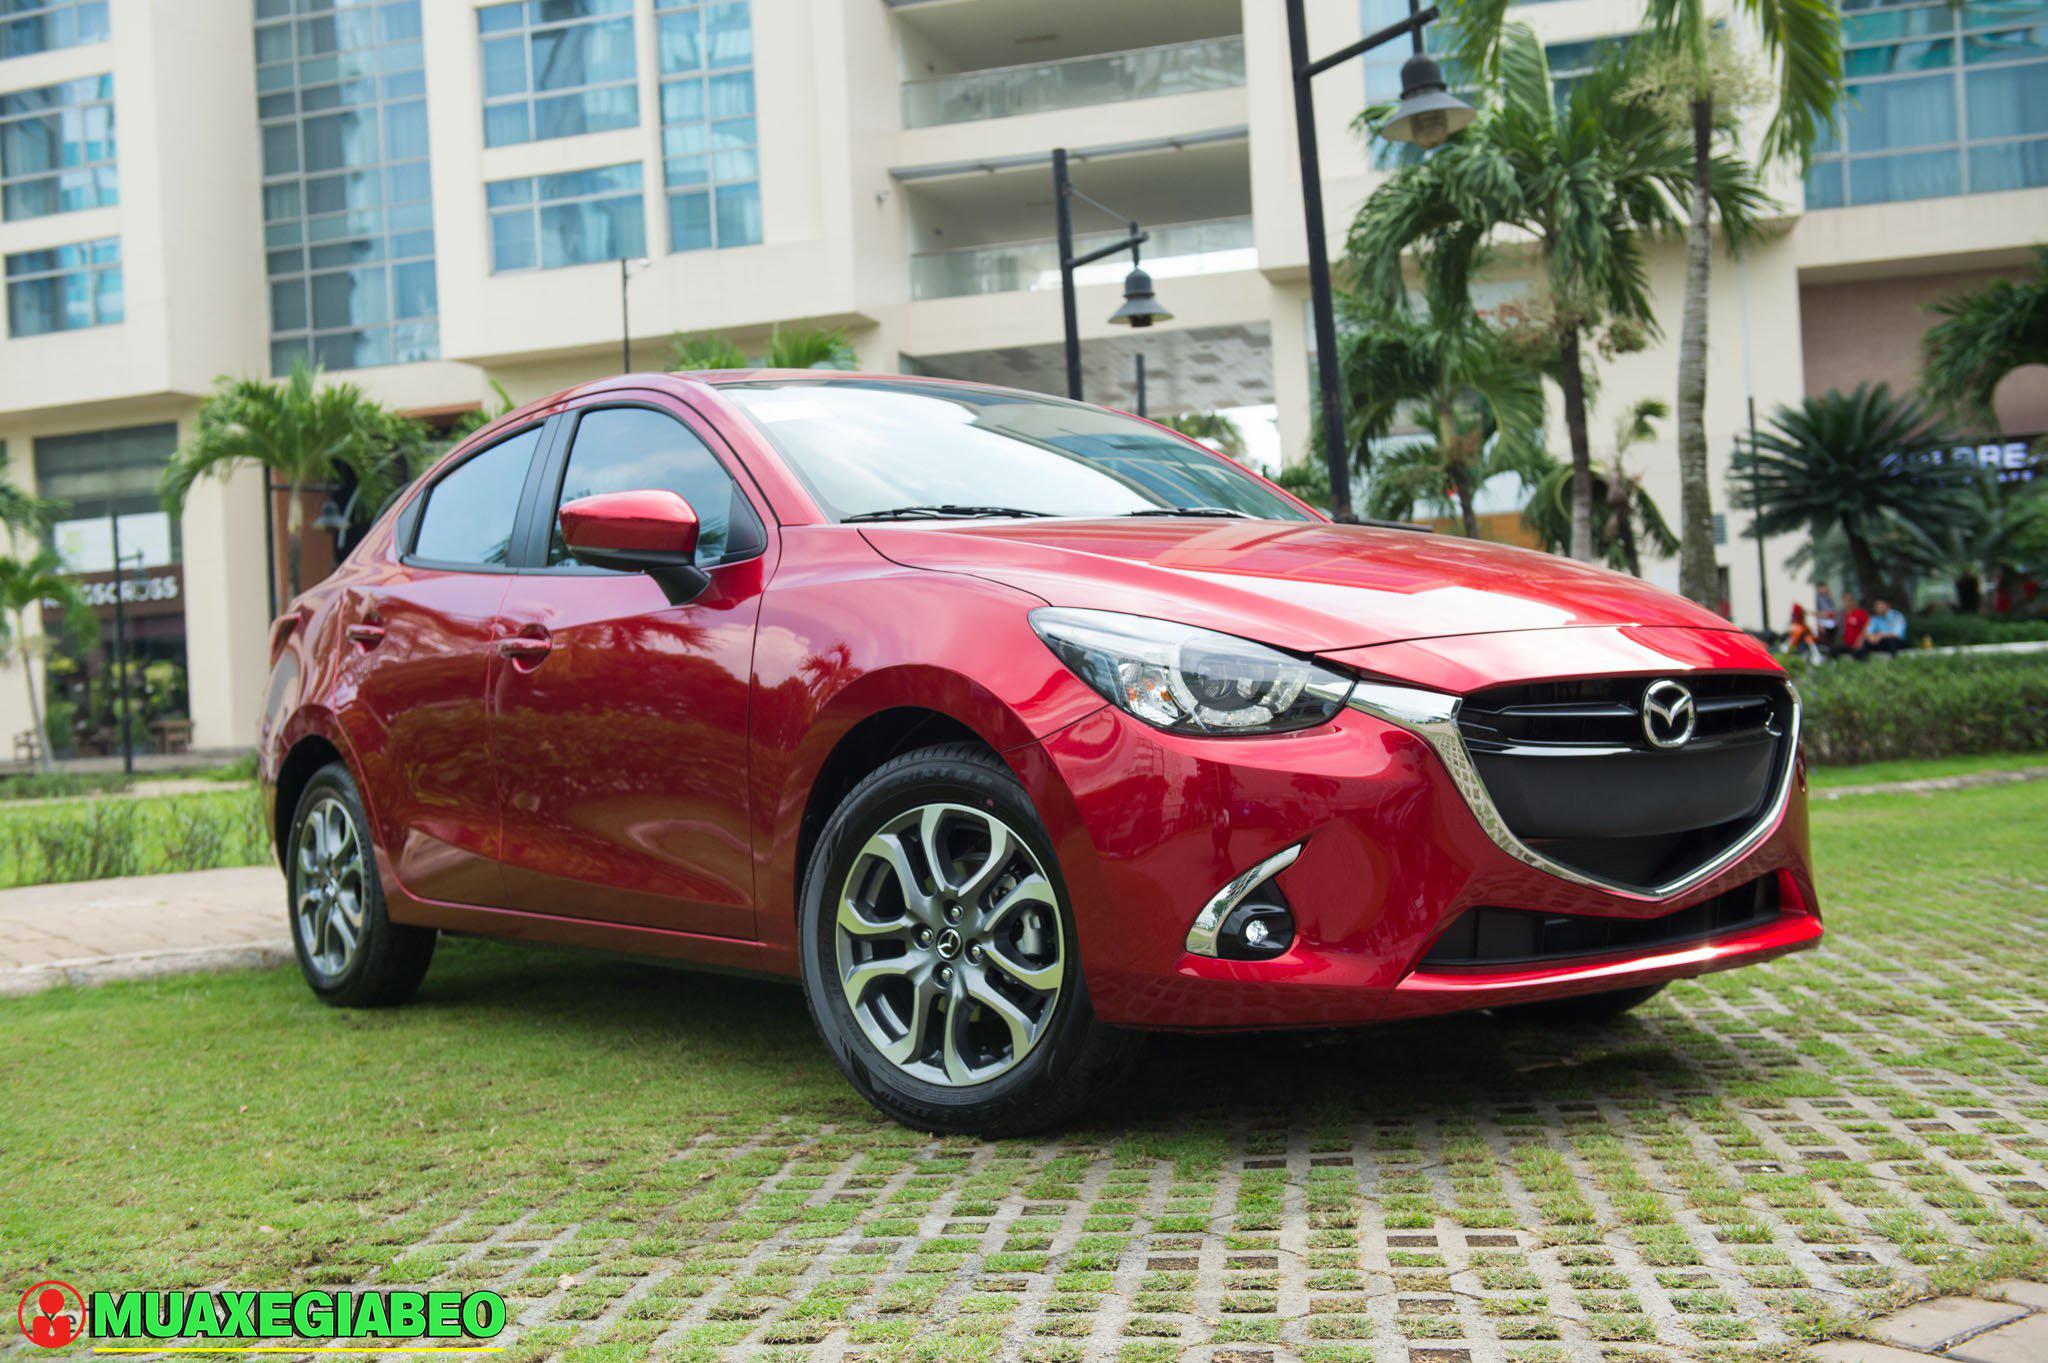 Xe Mazda 2 anh 20 - Mazda 2 [hienthinam]: thông số, giá xe & khuyến mãi tháng [hienthithang]